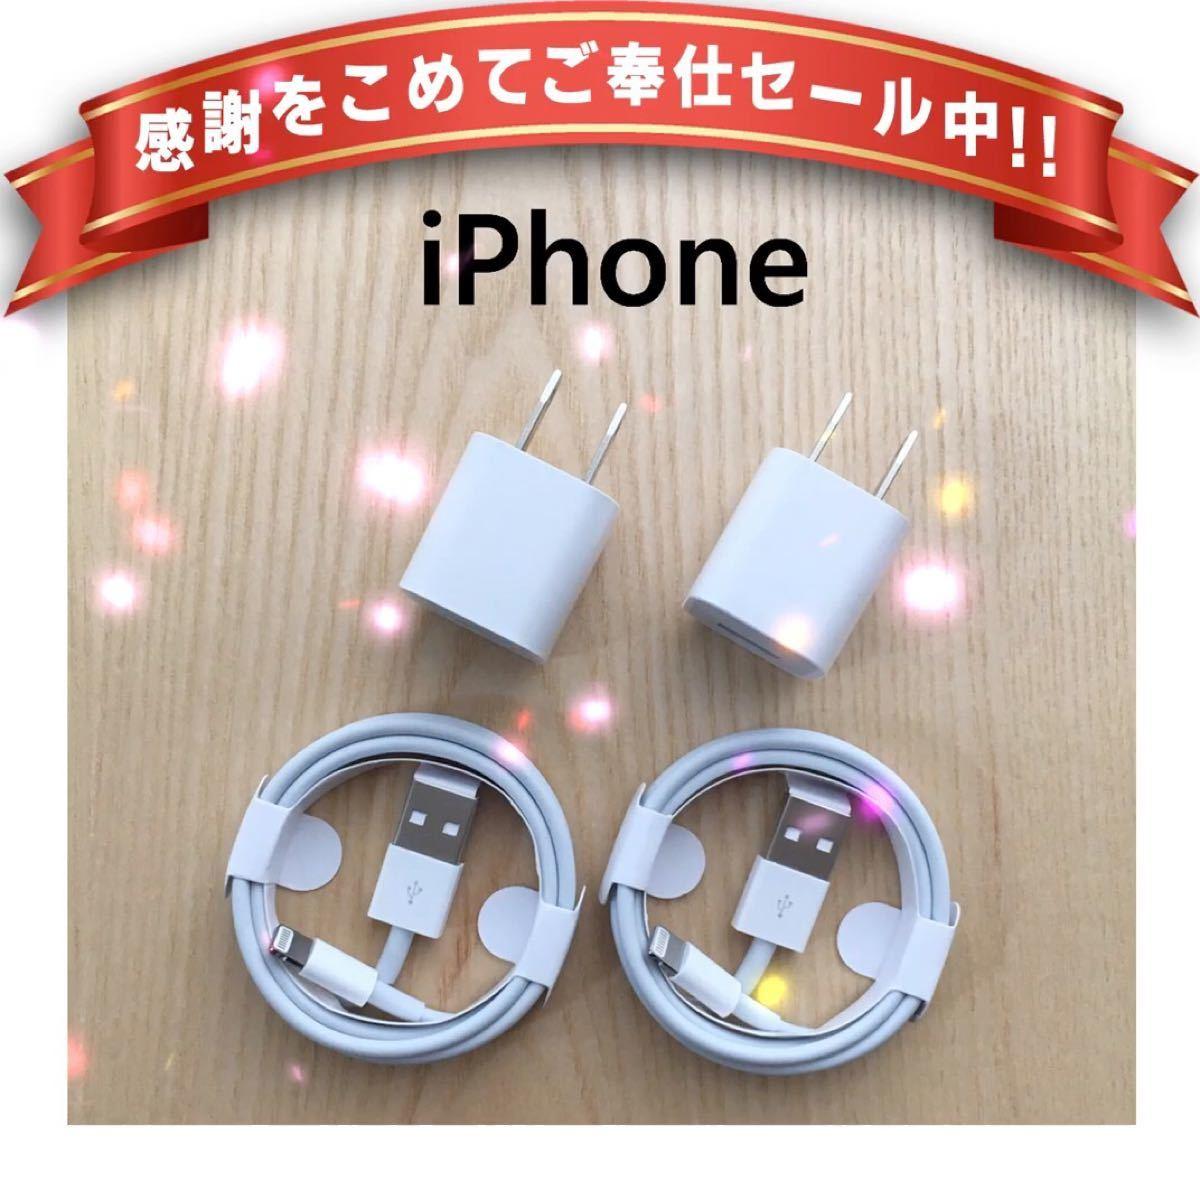 iPhone lightningcable ライトニングケーブル 充電器 コード 4点セット